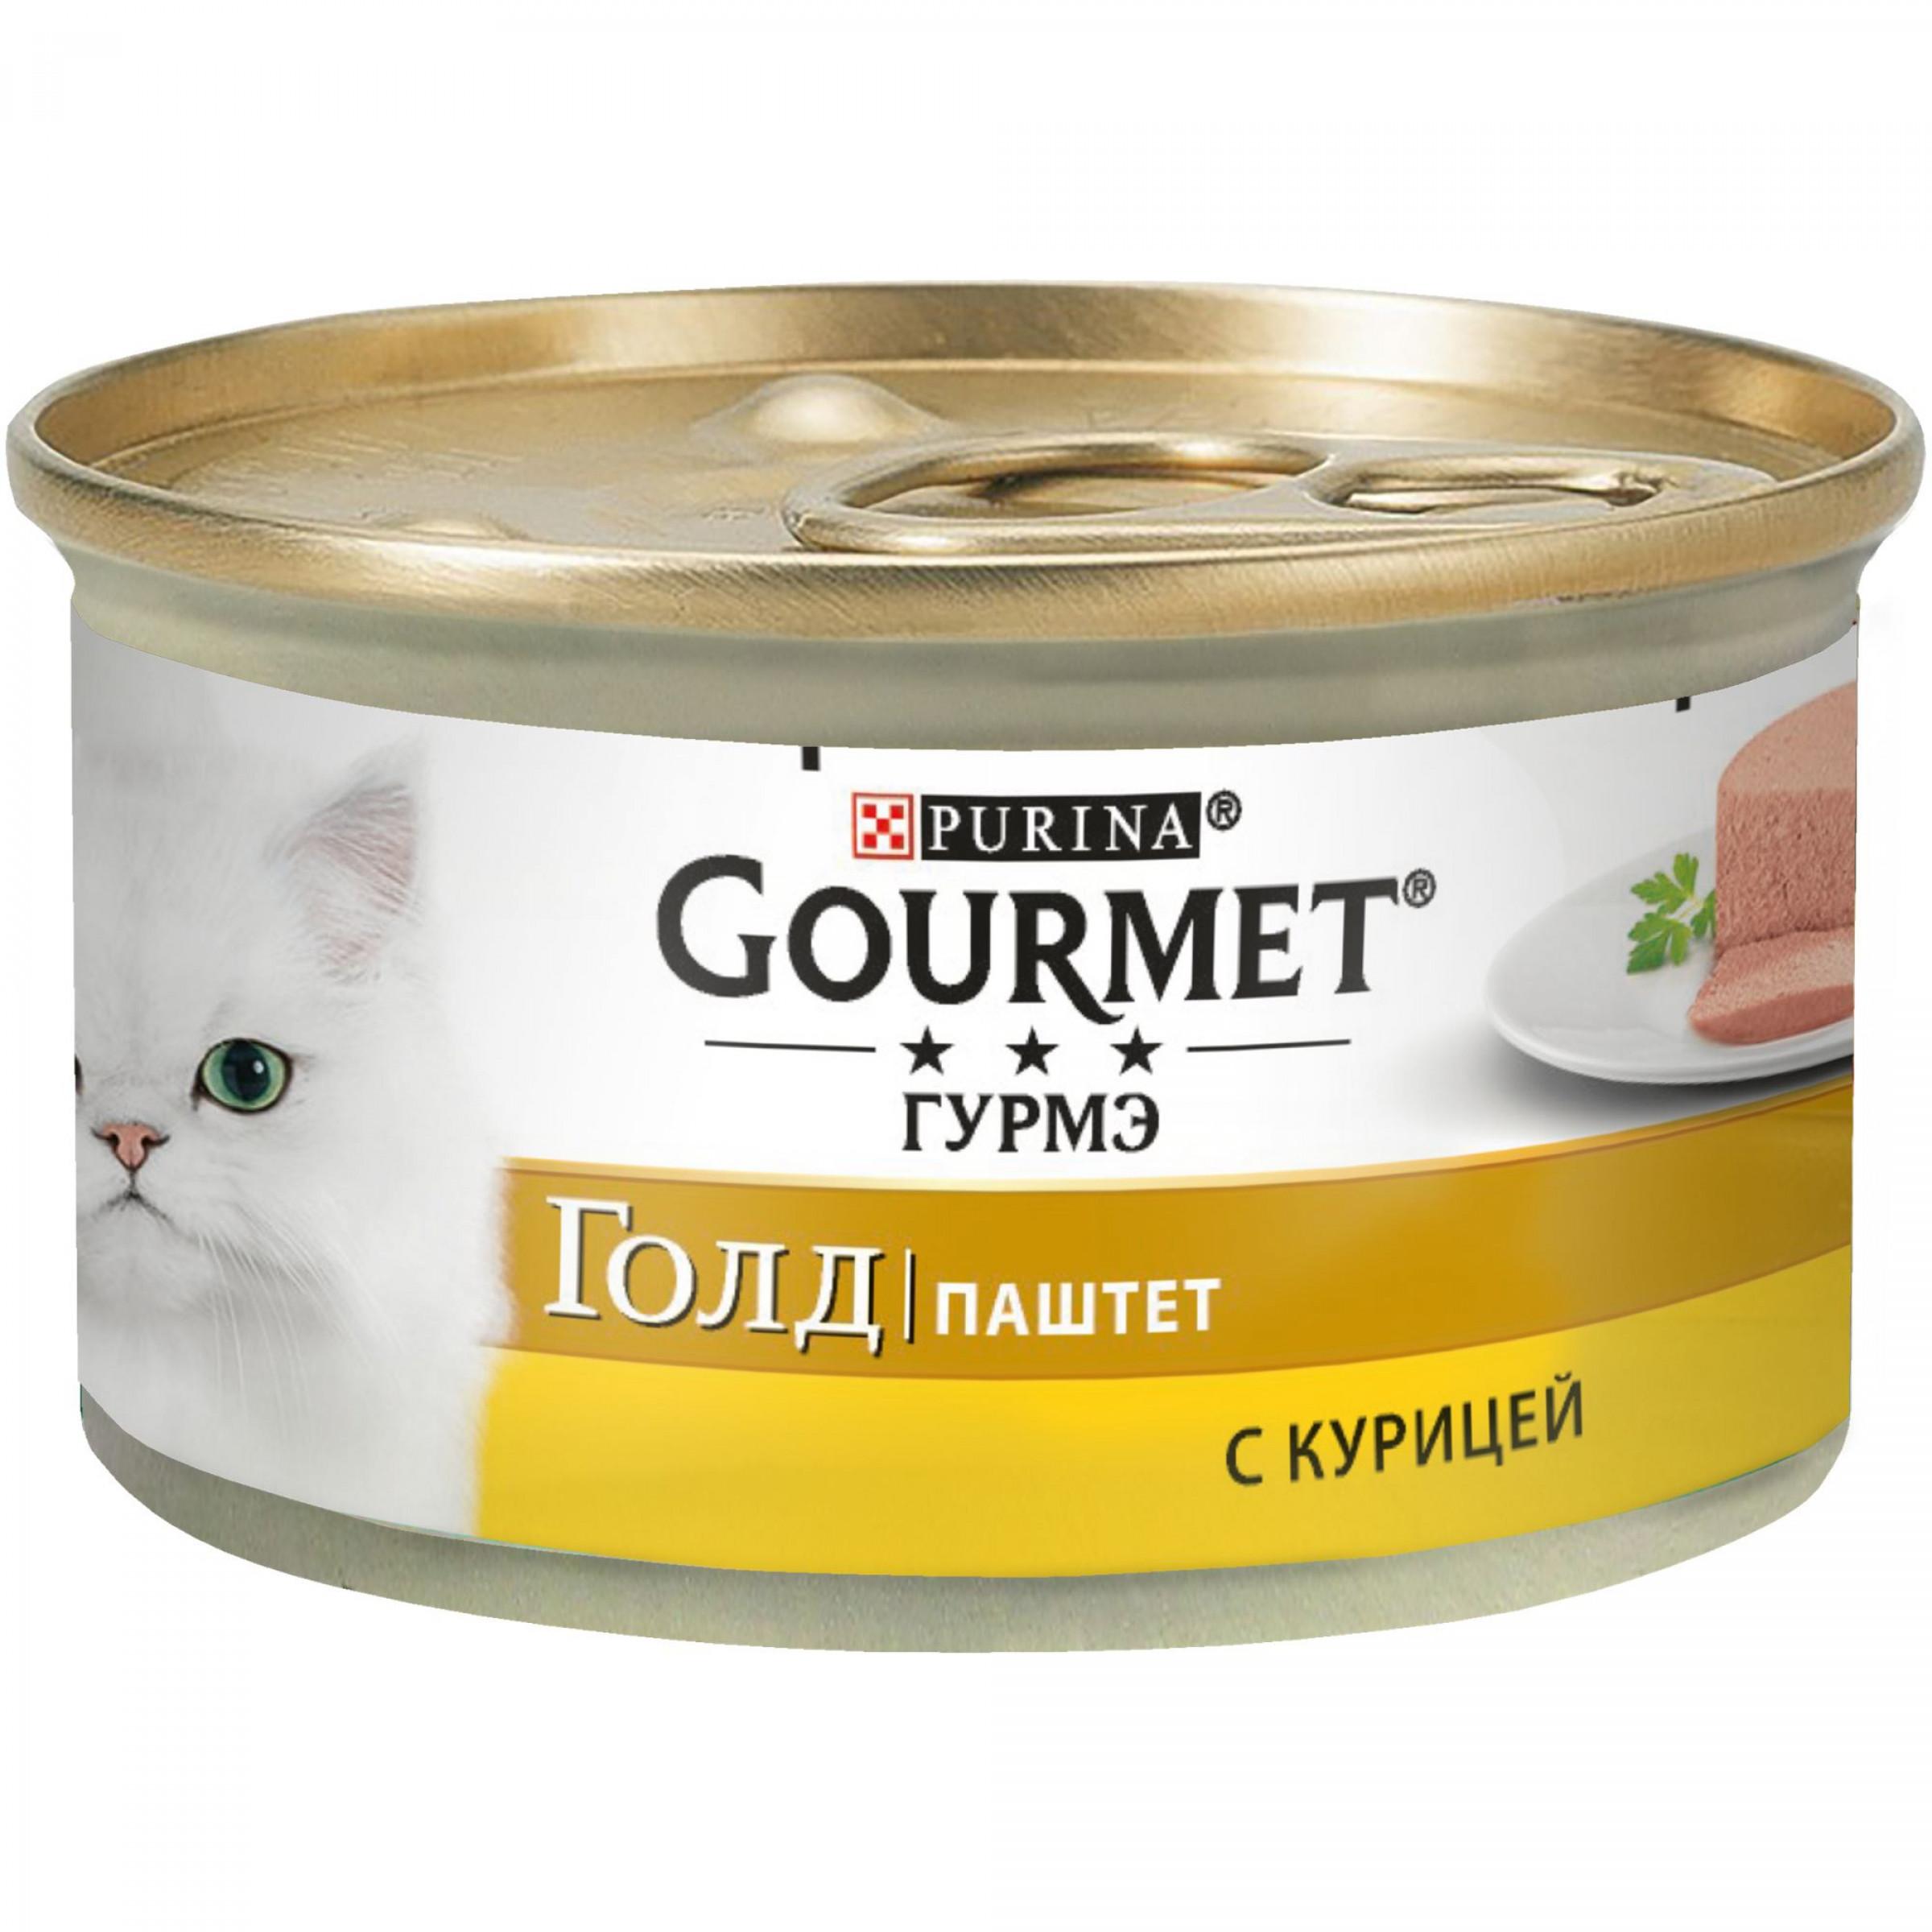 Влажный корм для кошек GOURMET Gold паштет с курицей, 85 гр